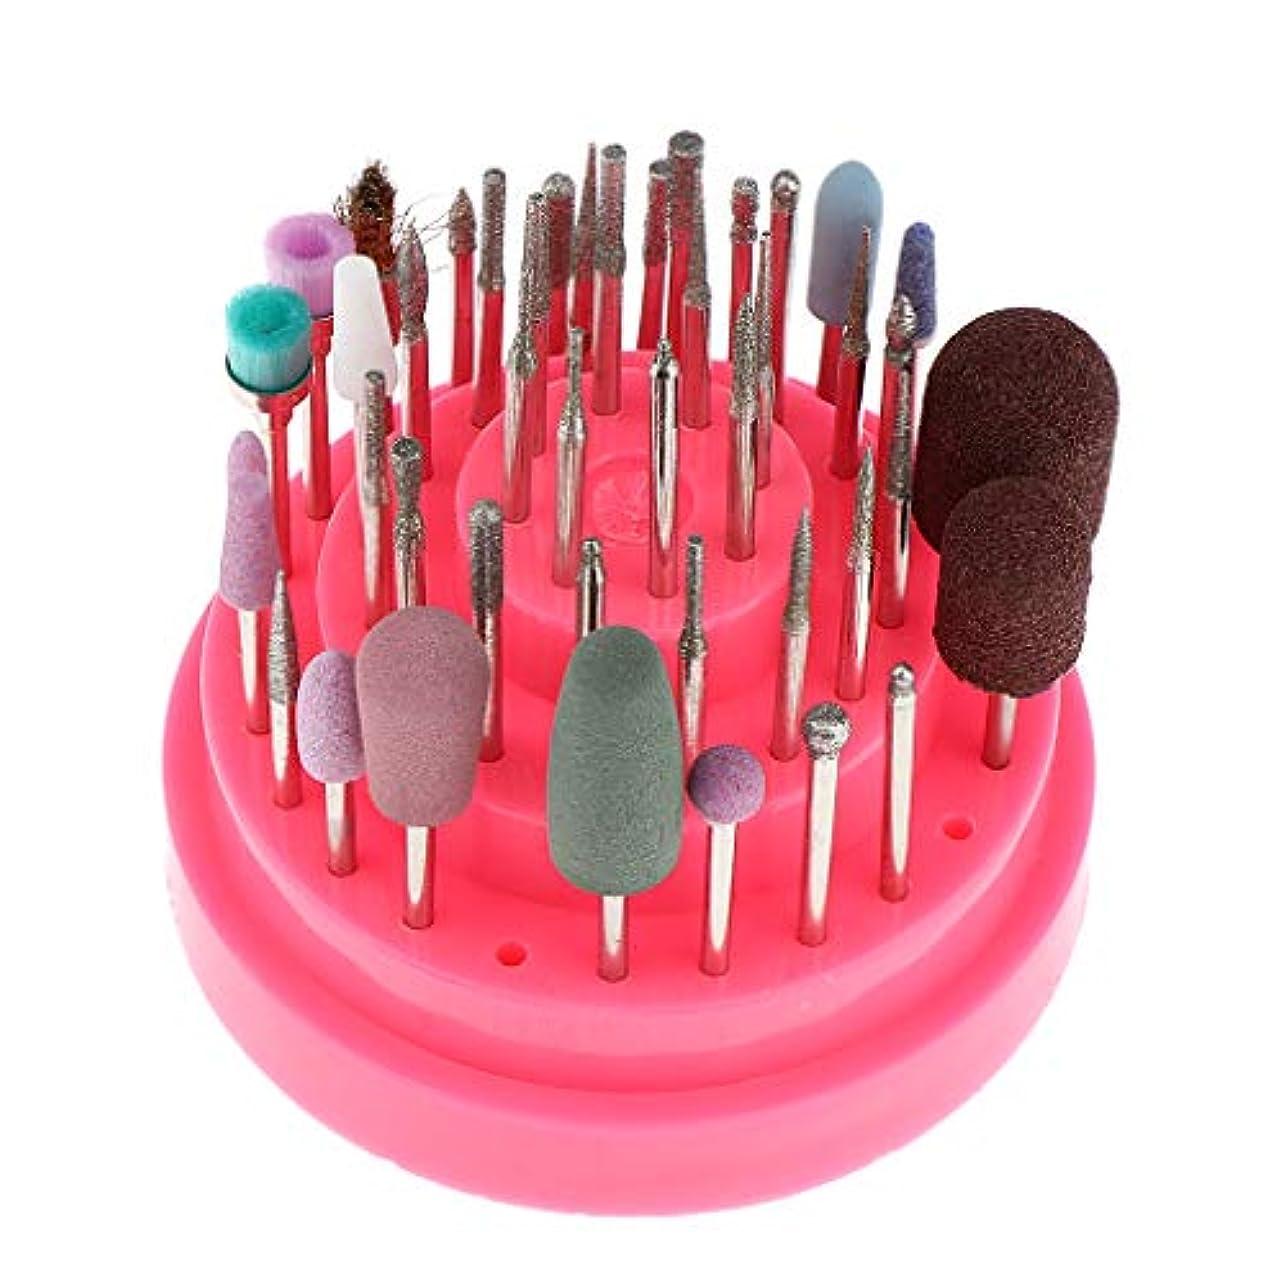 抜け目のない薬を飲む検出器専門の釘の先端の粉砕の頭部のタングステンの釘の穴あけ工具セット - ピンク